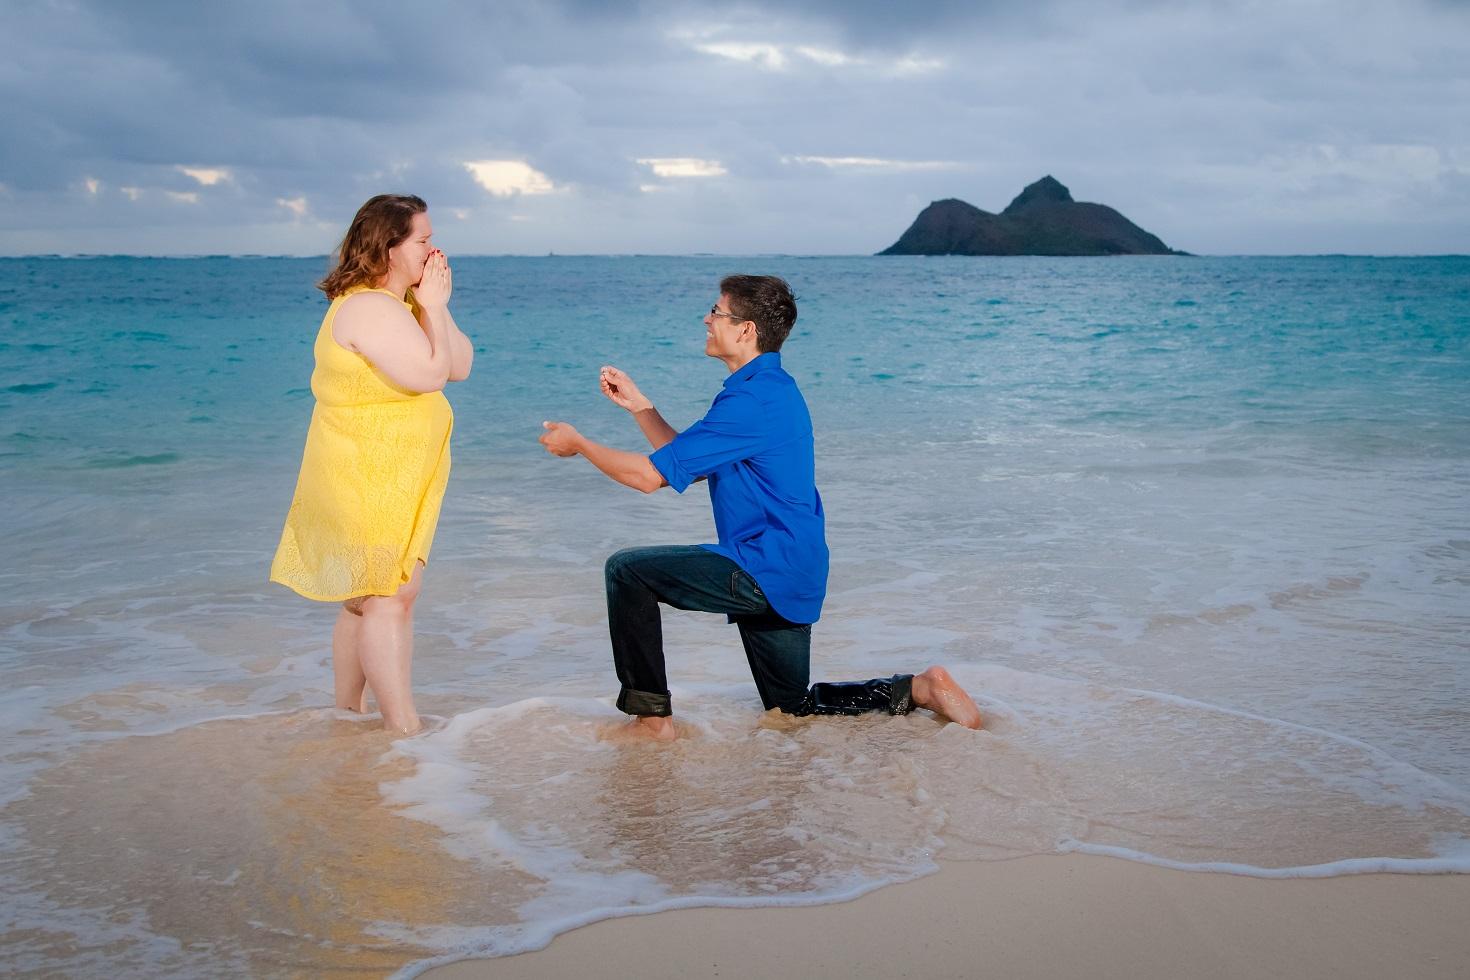 romantic surprise proposal photographer oahu